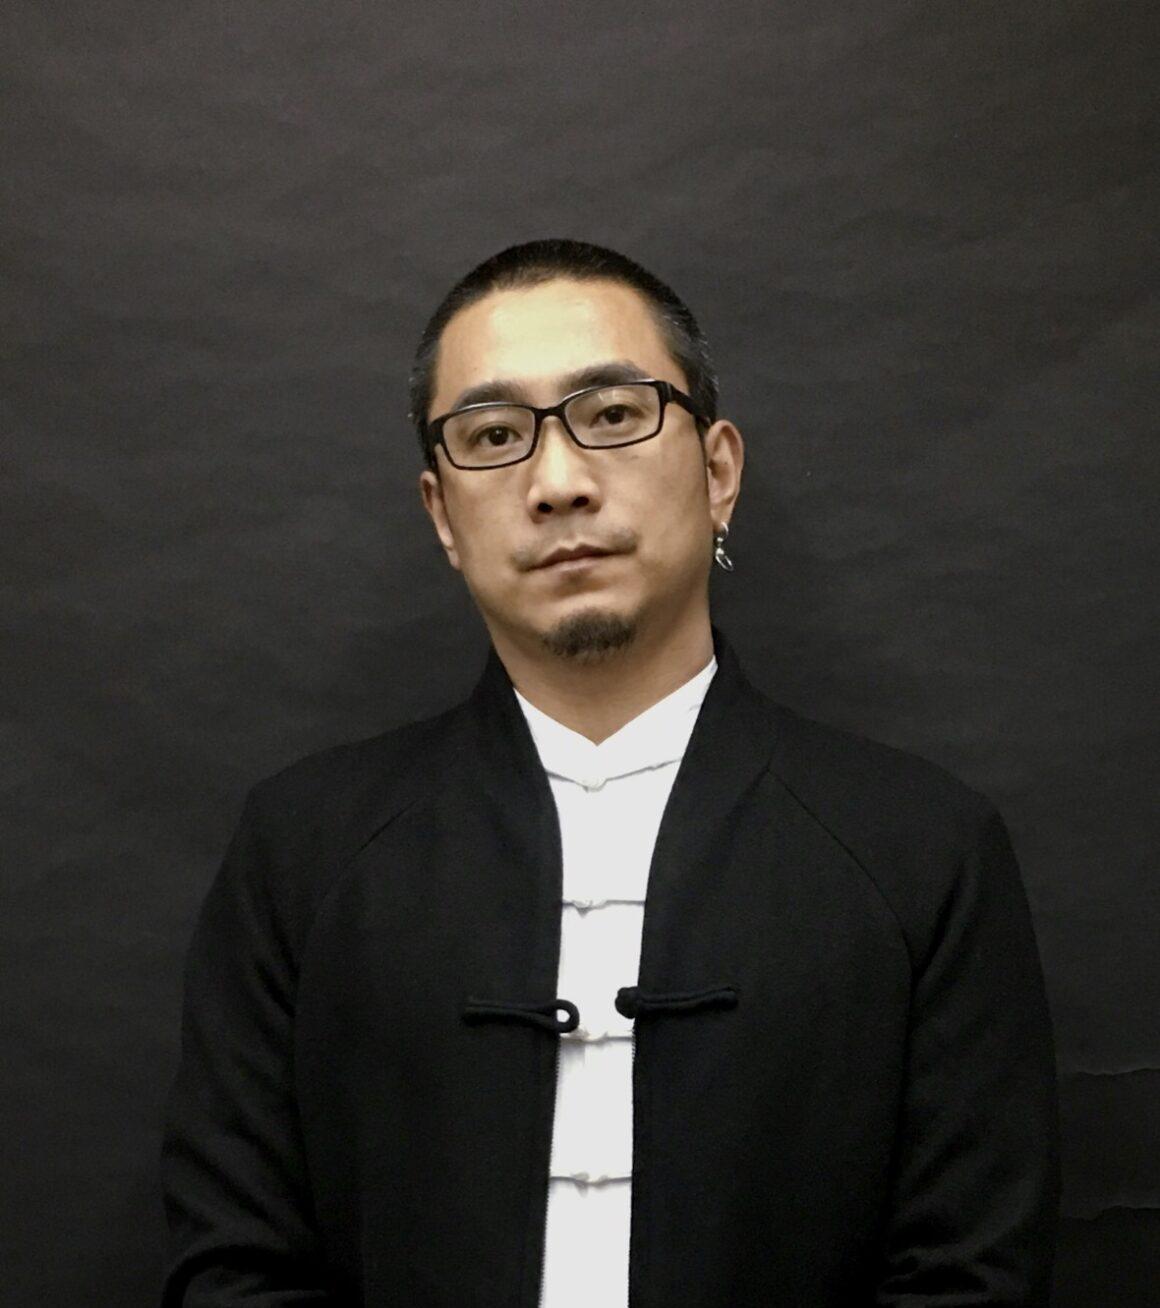 Tattoo artist Heng Yue